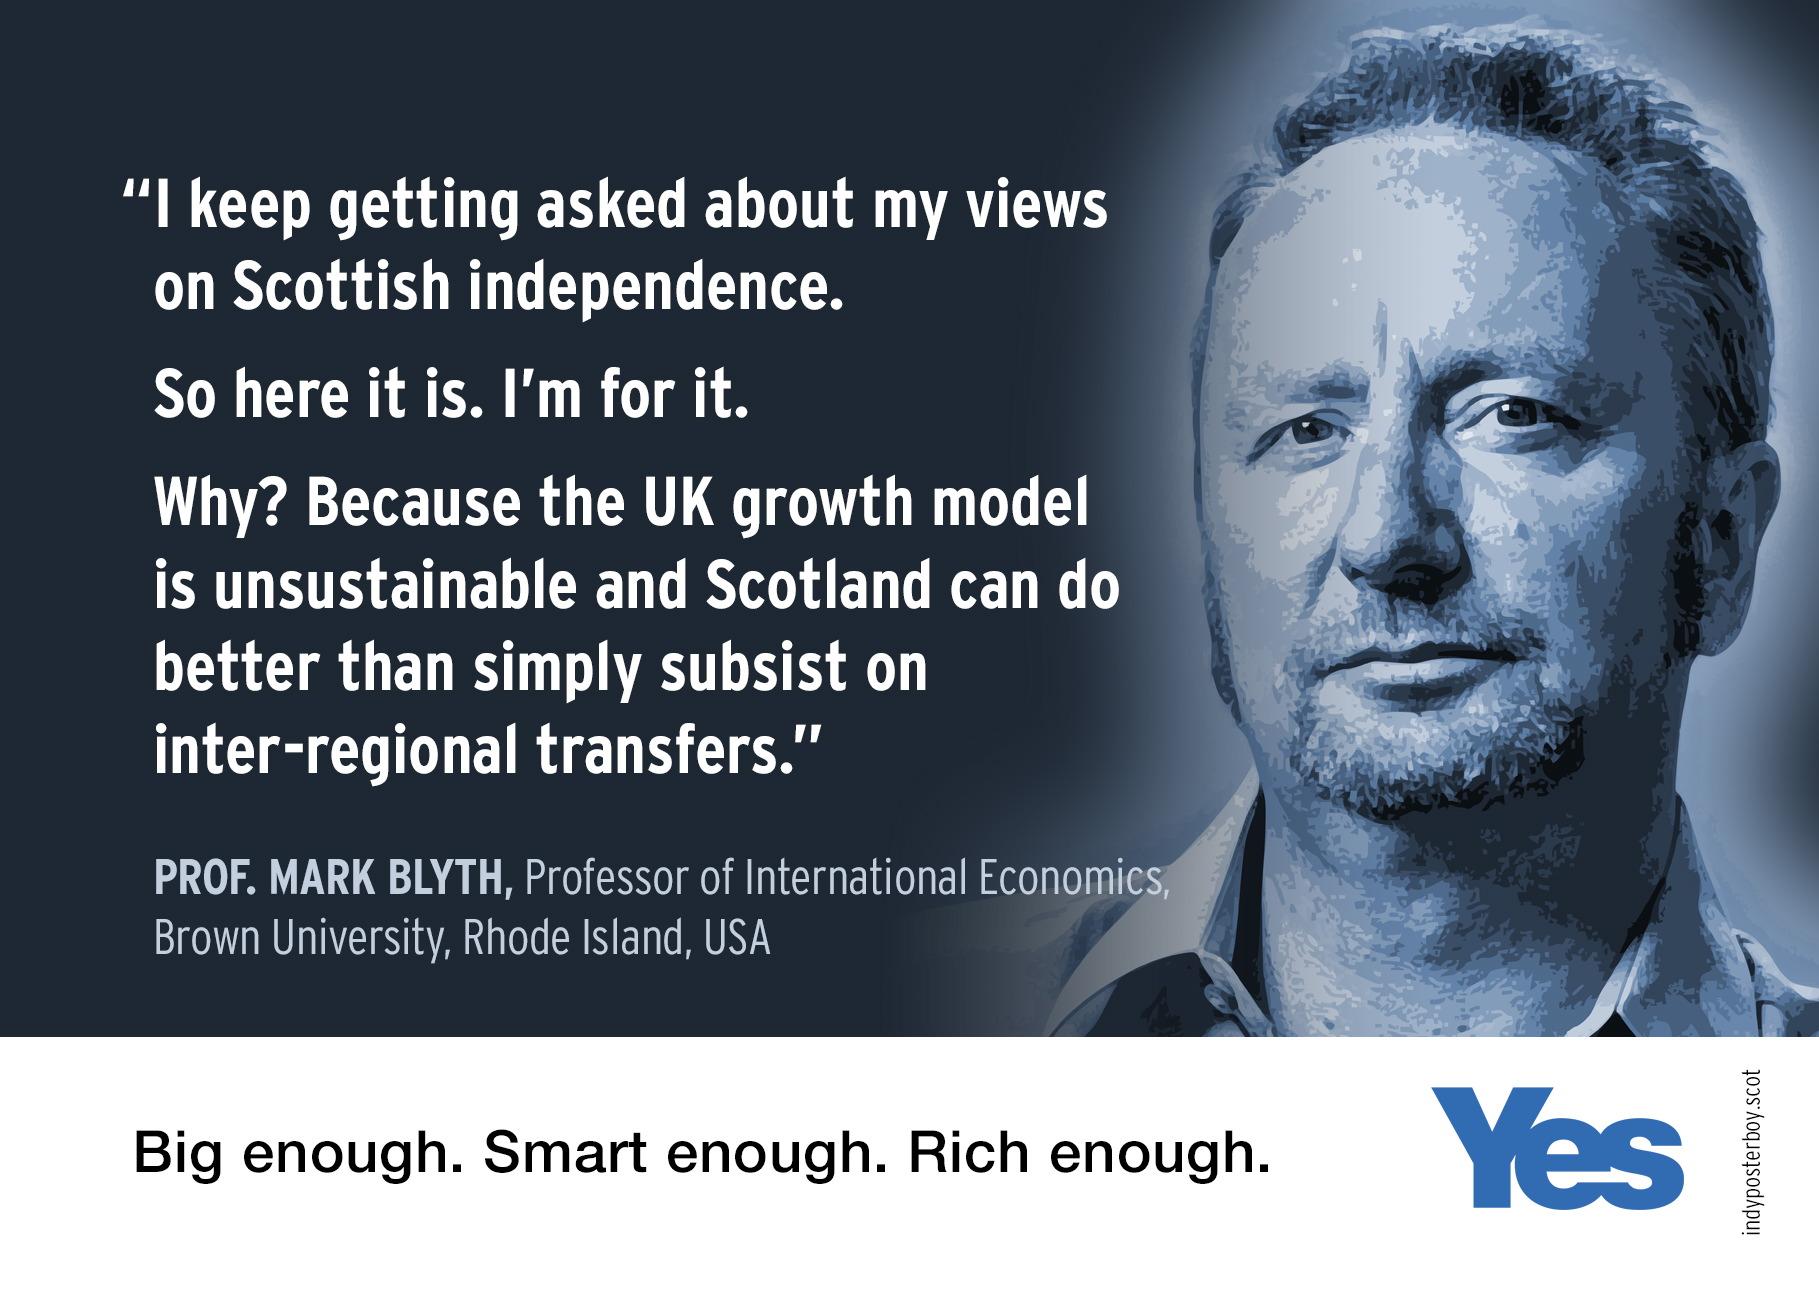 Scotland can do better